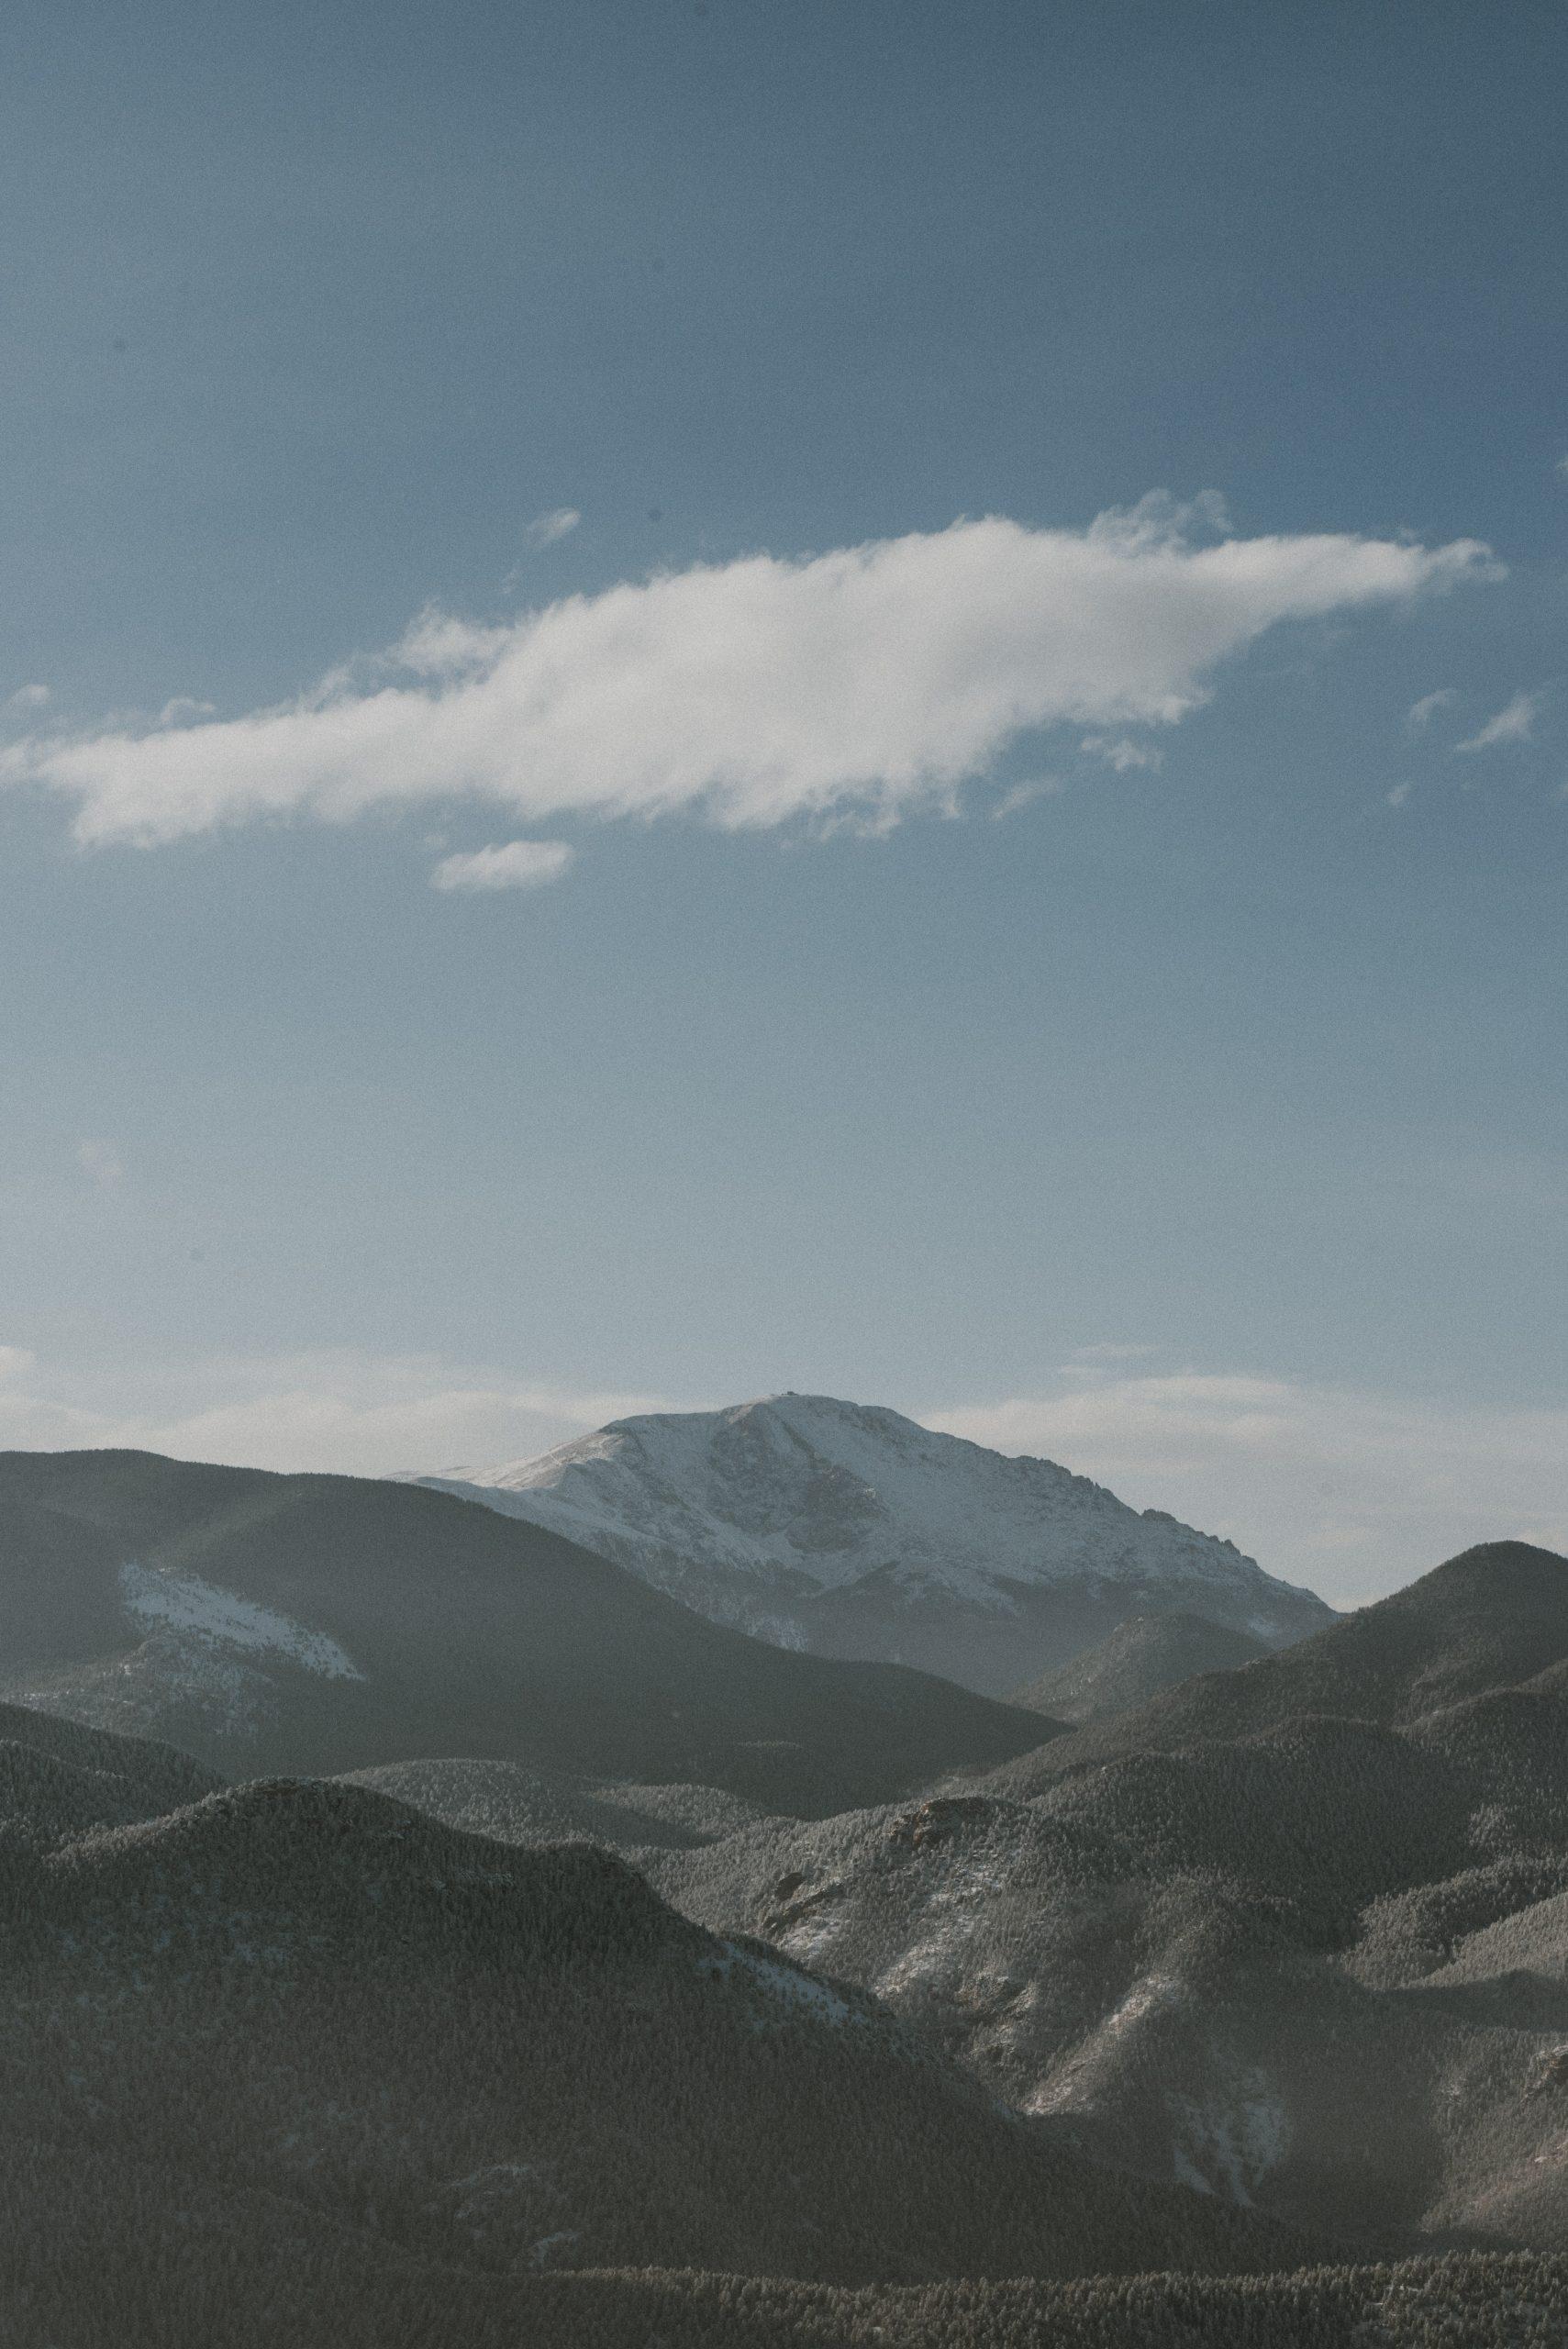 The Broadmoor cloud camp views of pikes peak